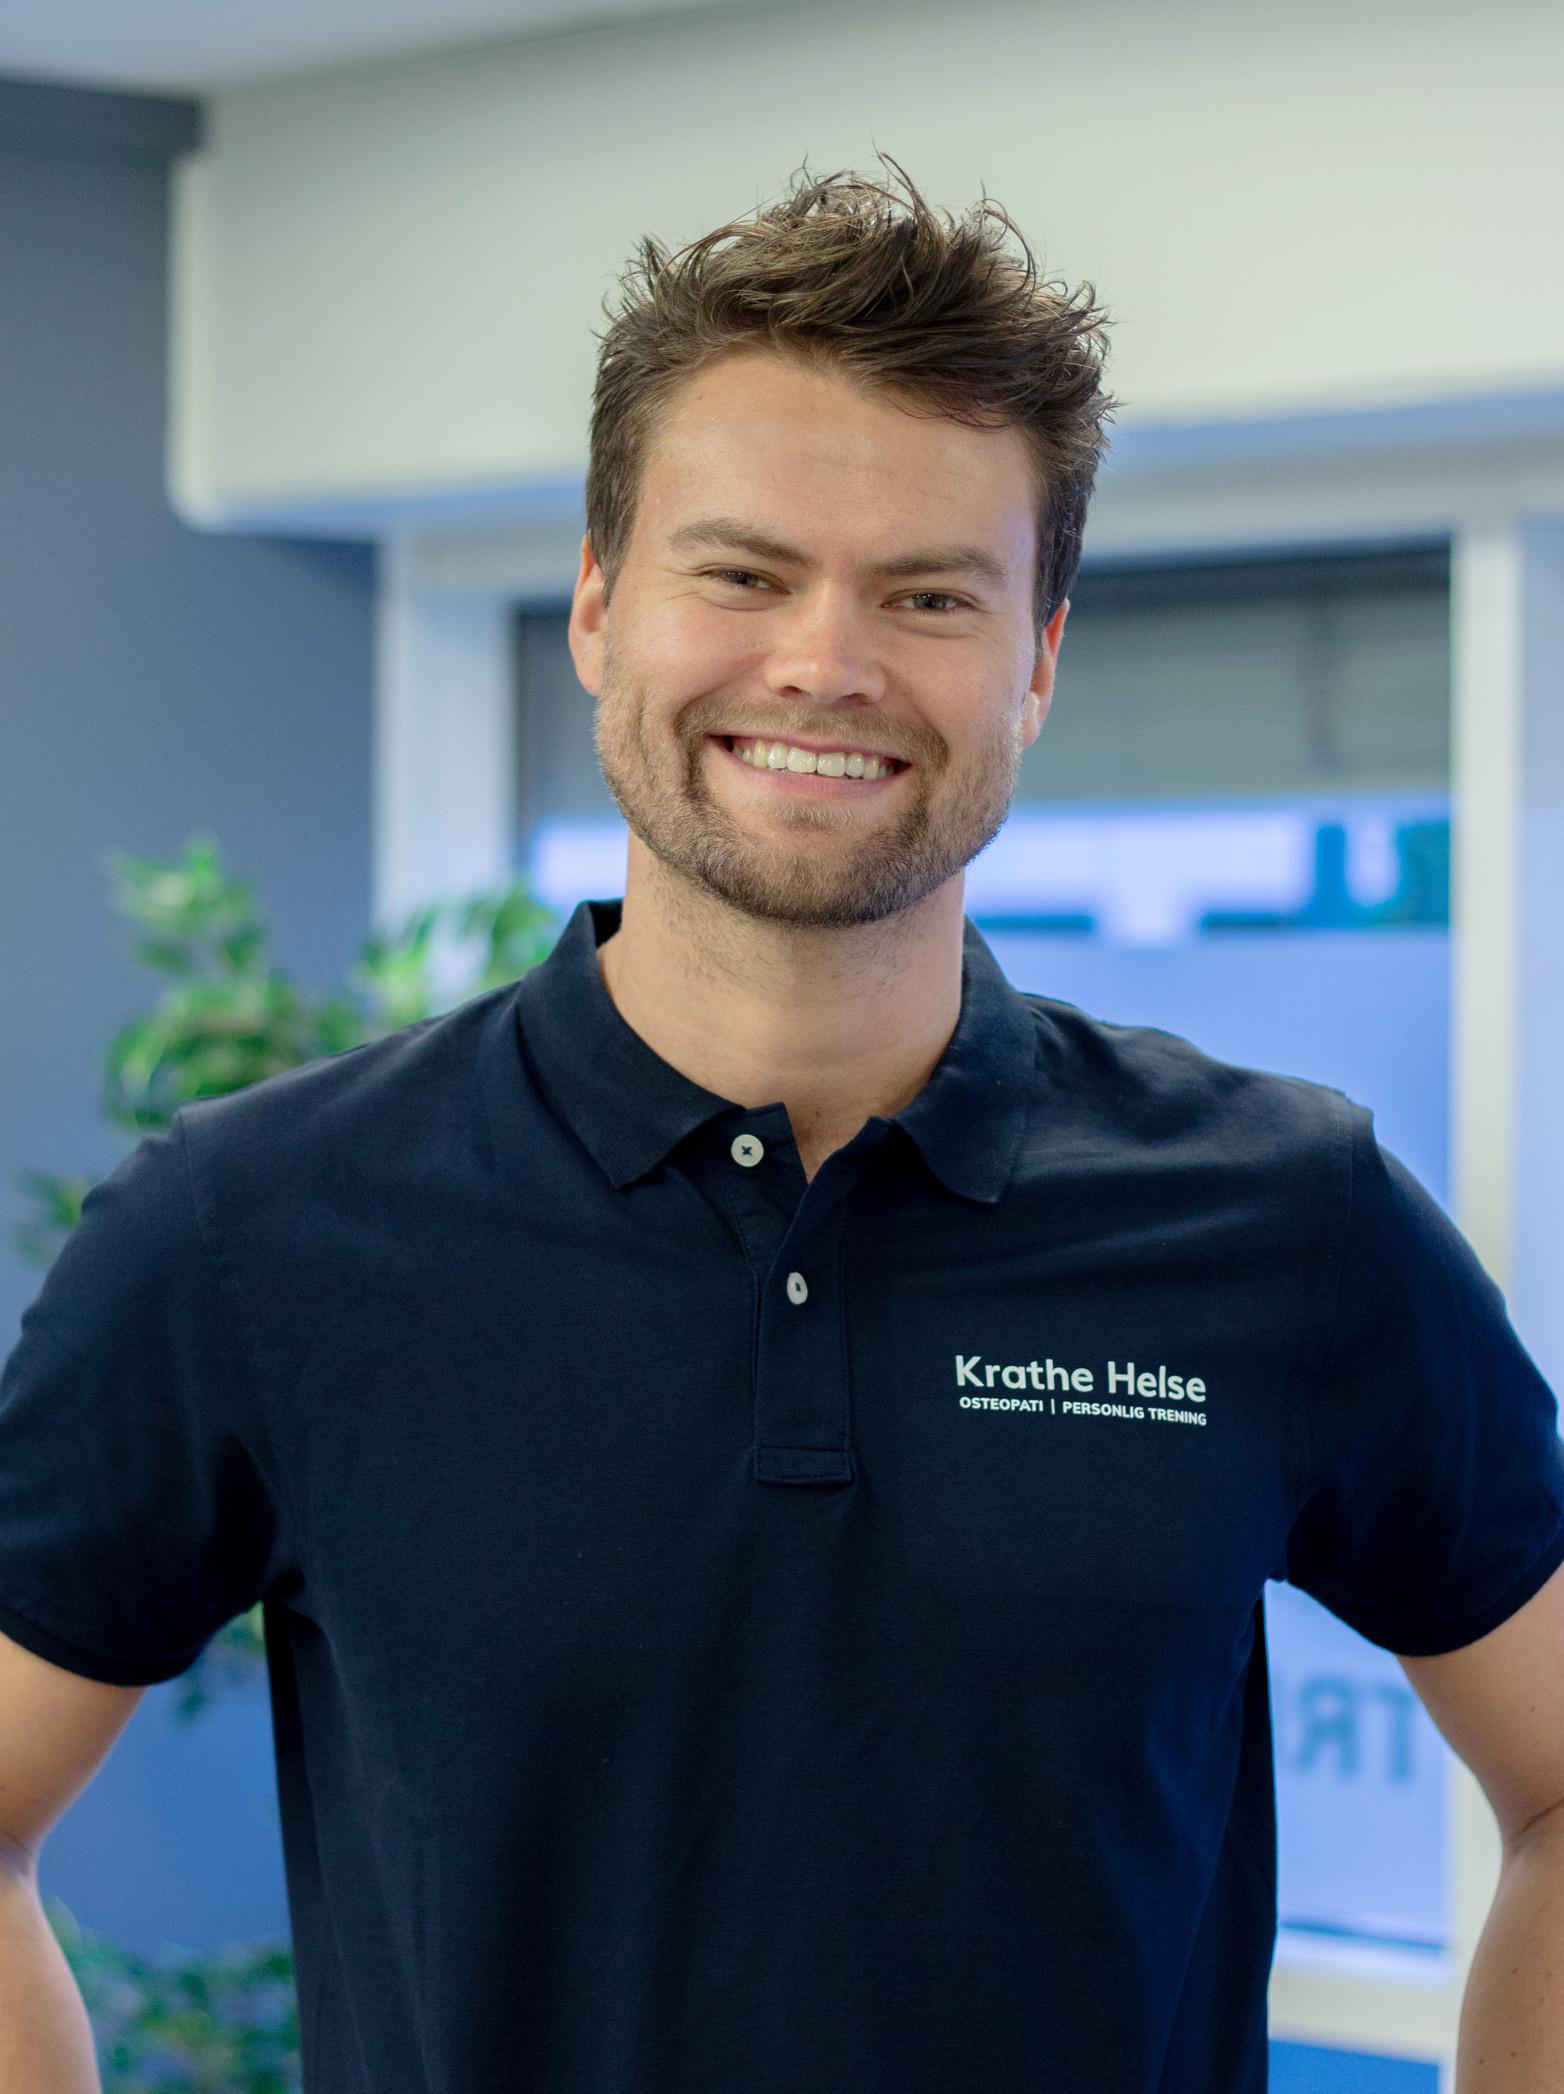 Profilbilde av Marius Krathe som smiler